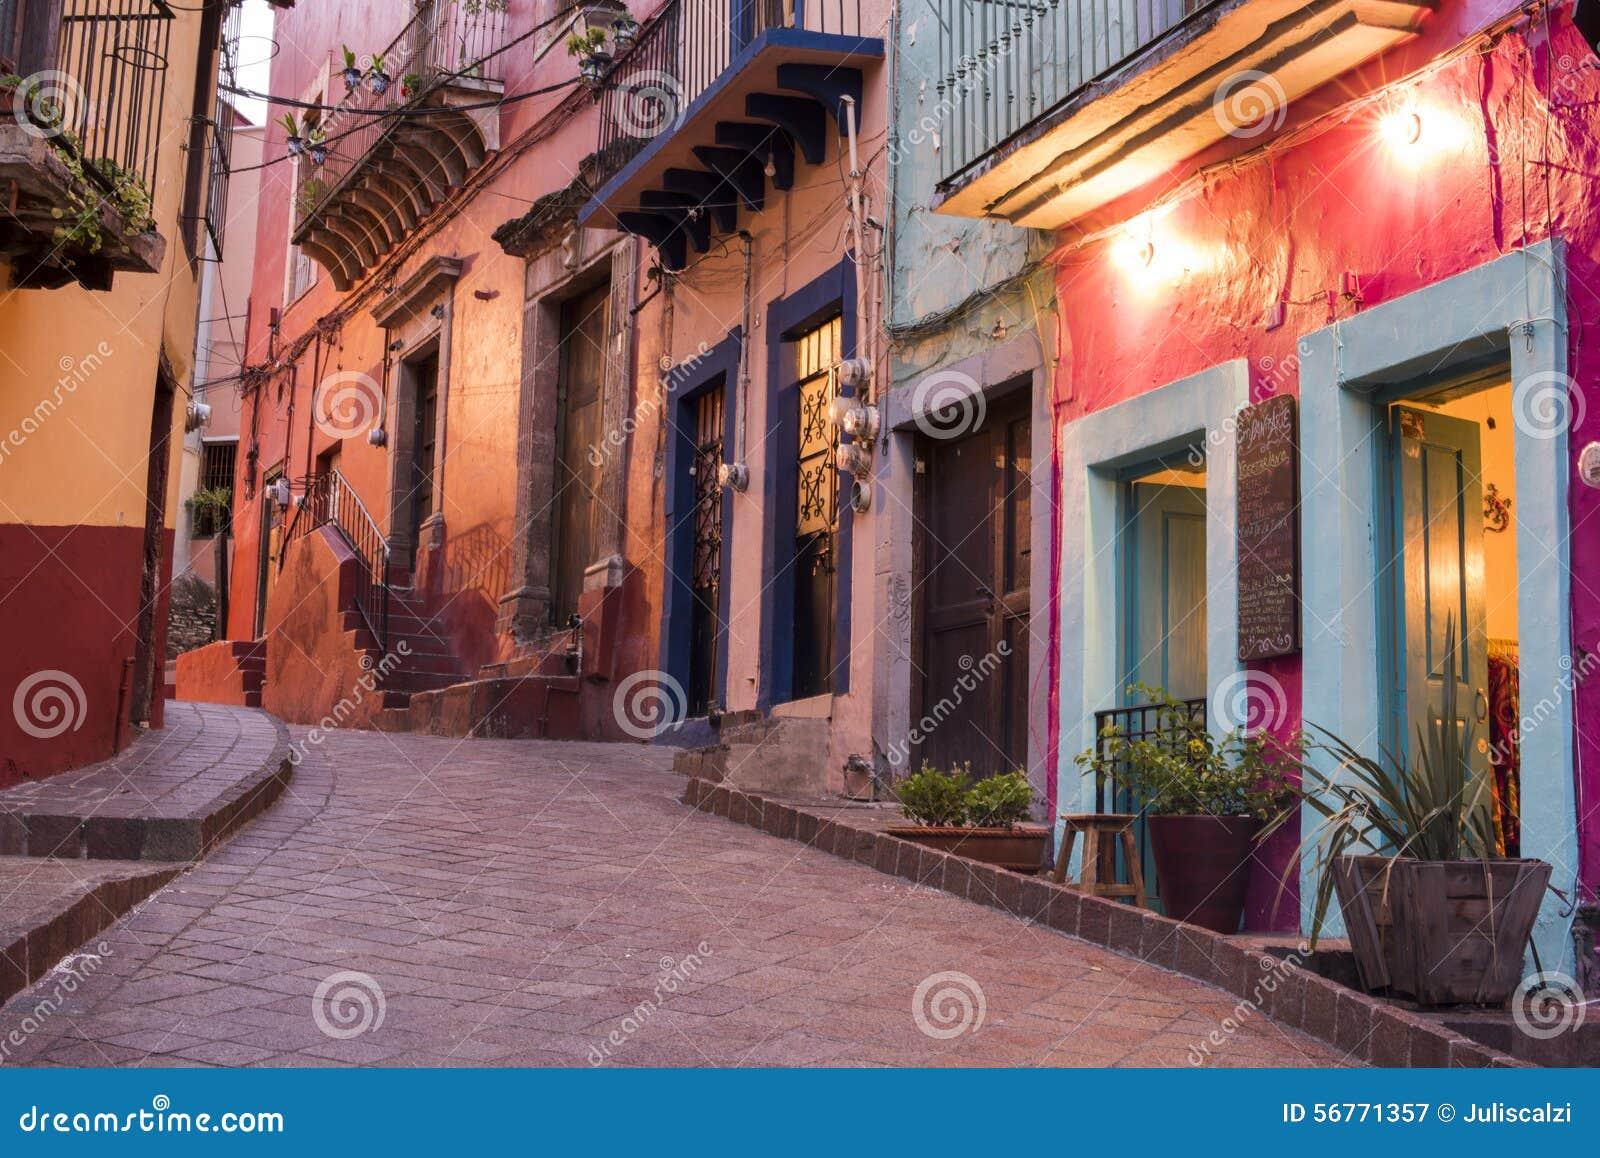 Lugares para solteros cdmx cambio de sexo Gran Canaria-88511